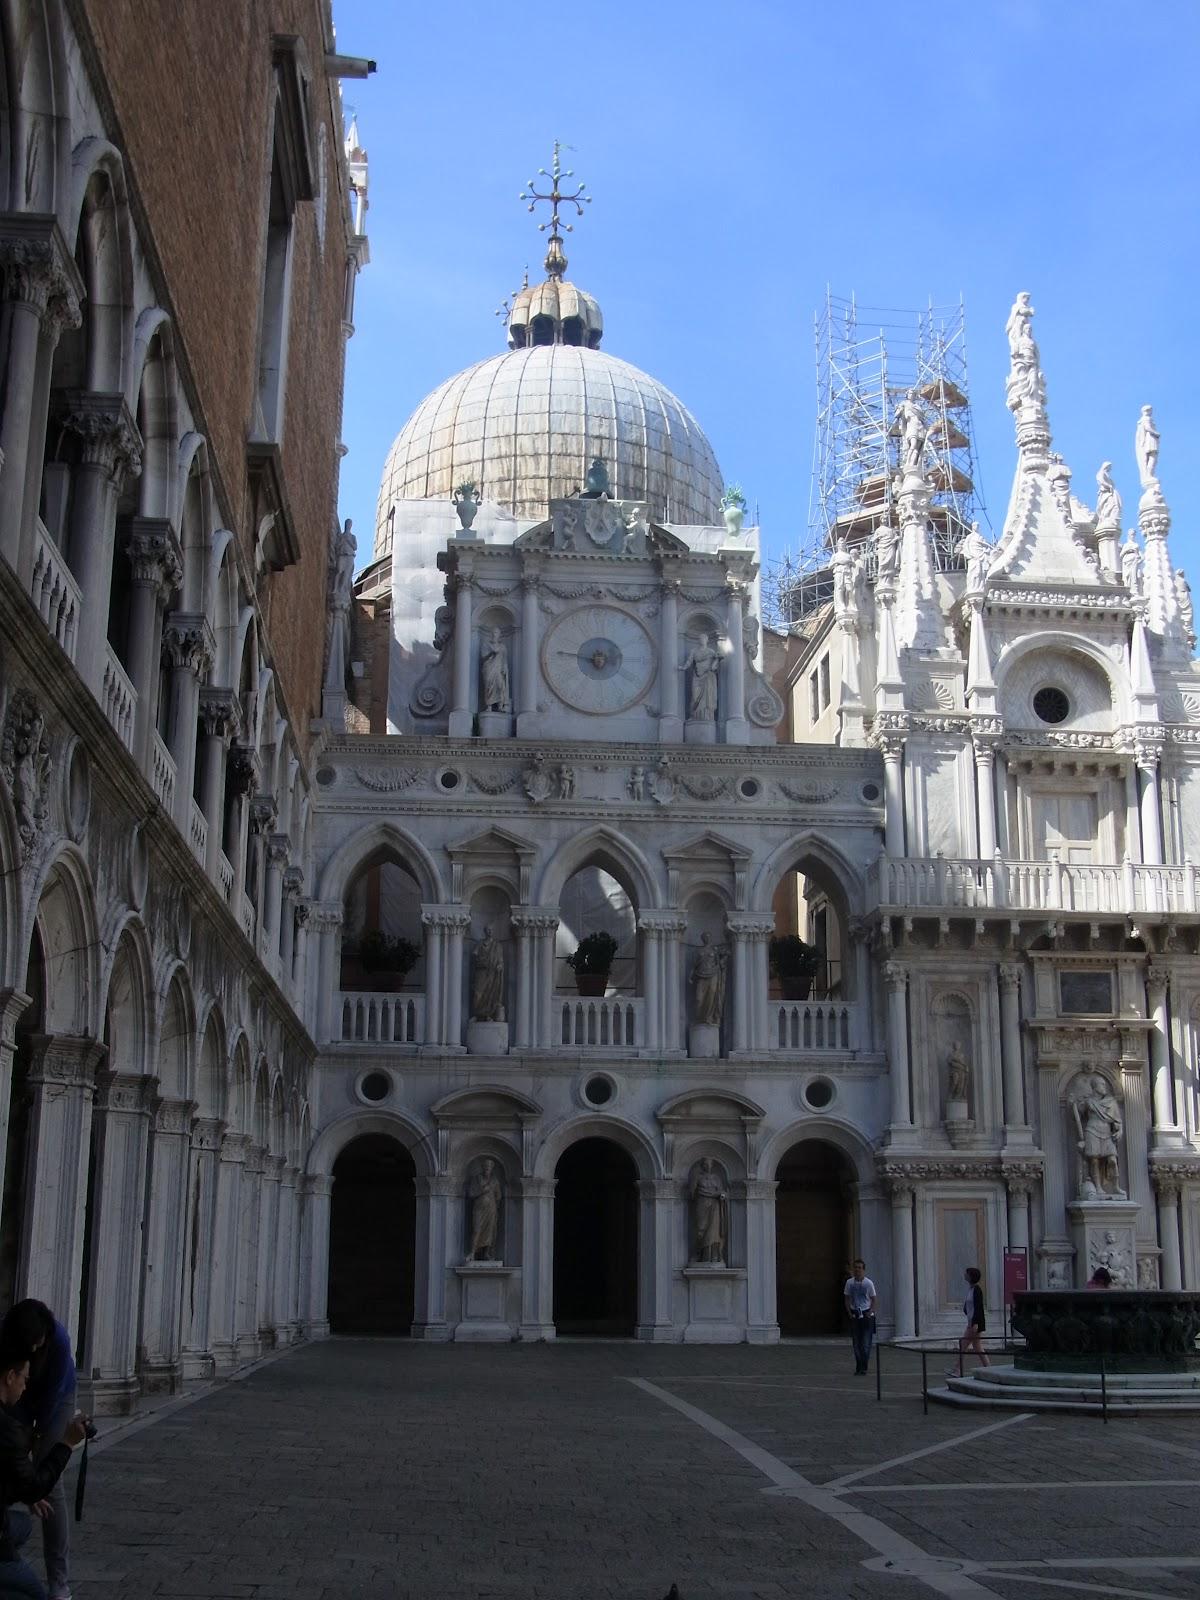 安部川純一郎のブログ: イタリア旅行記-15